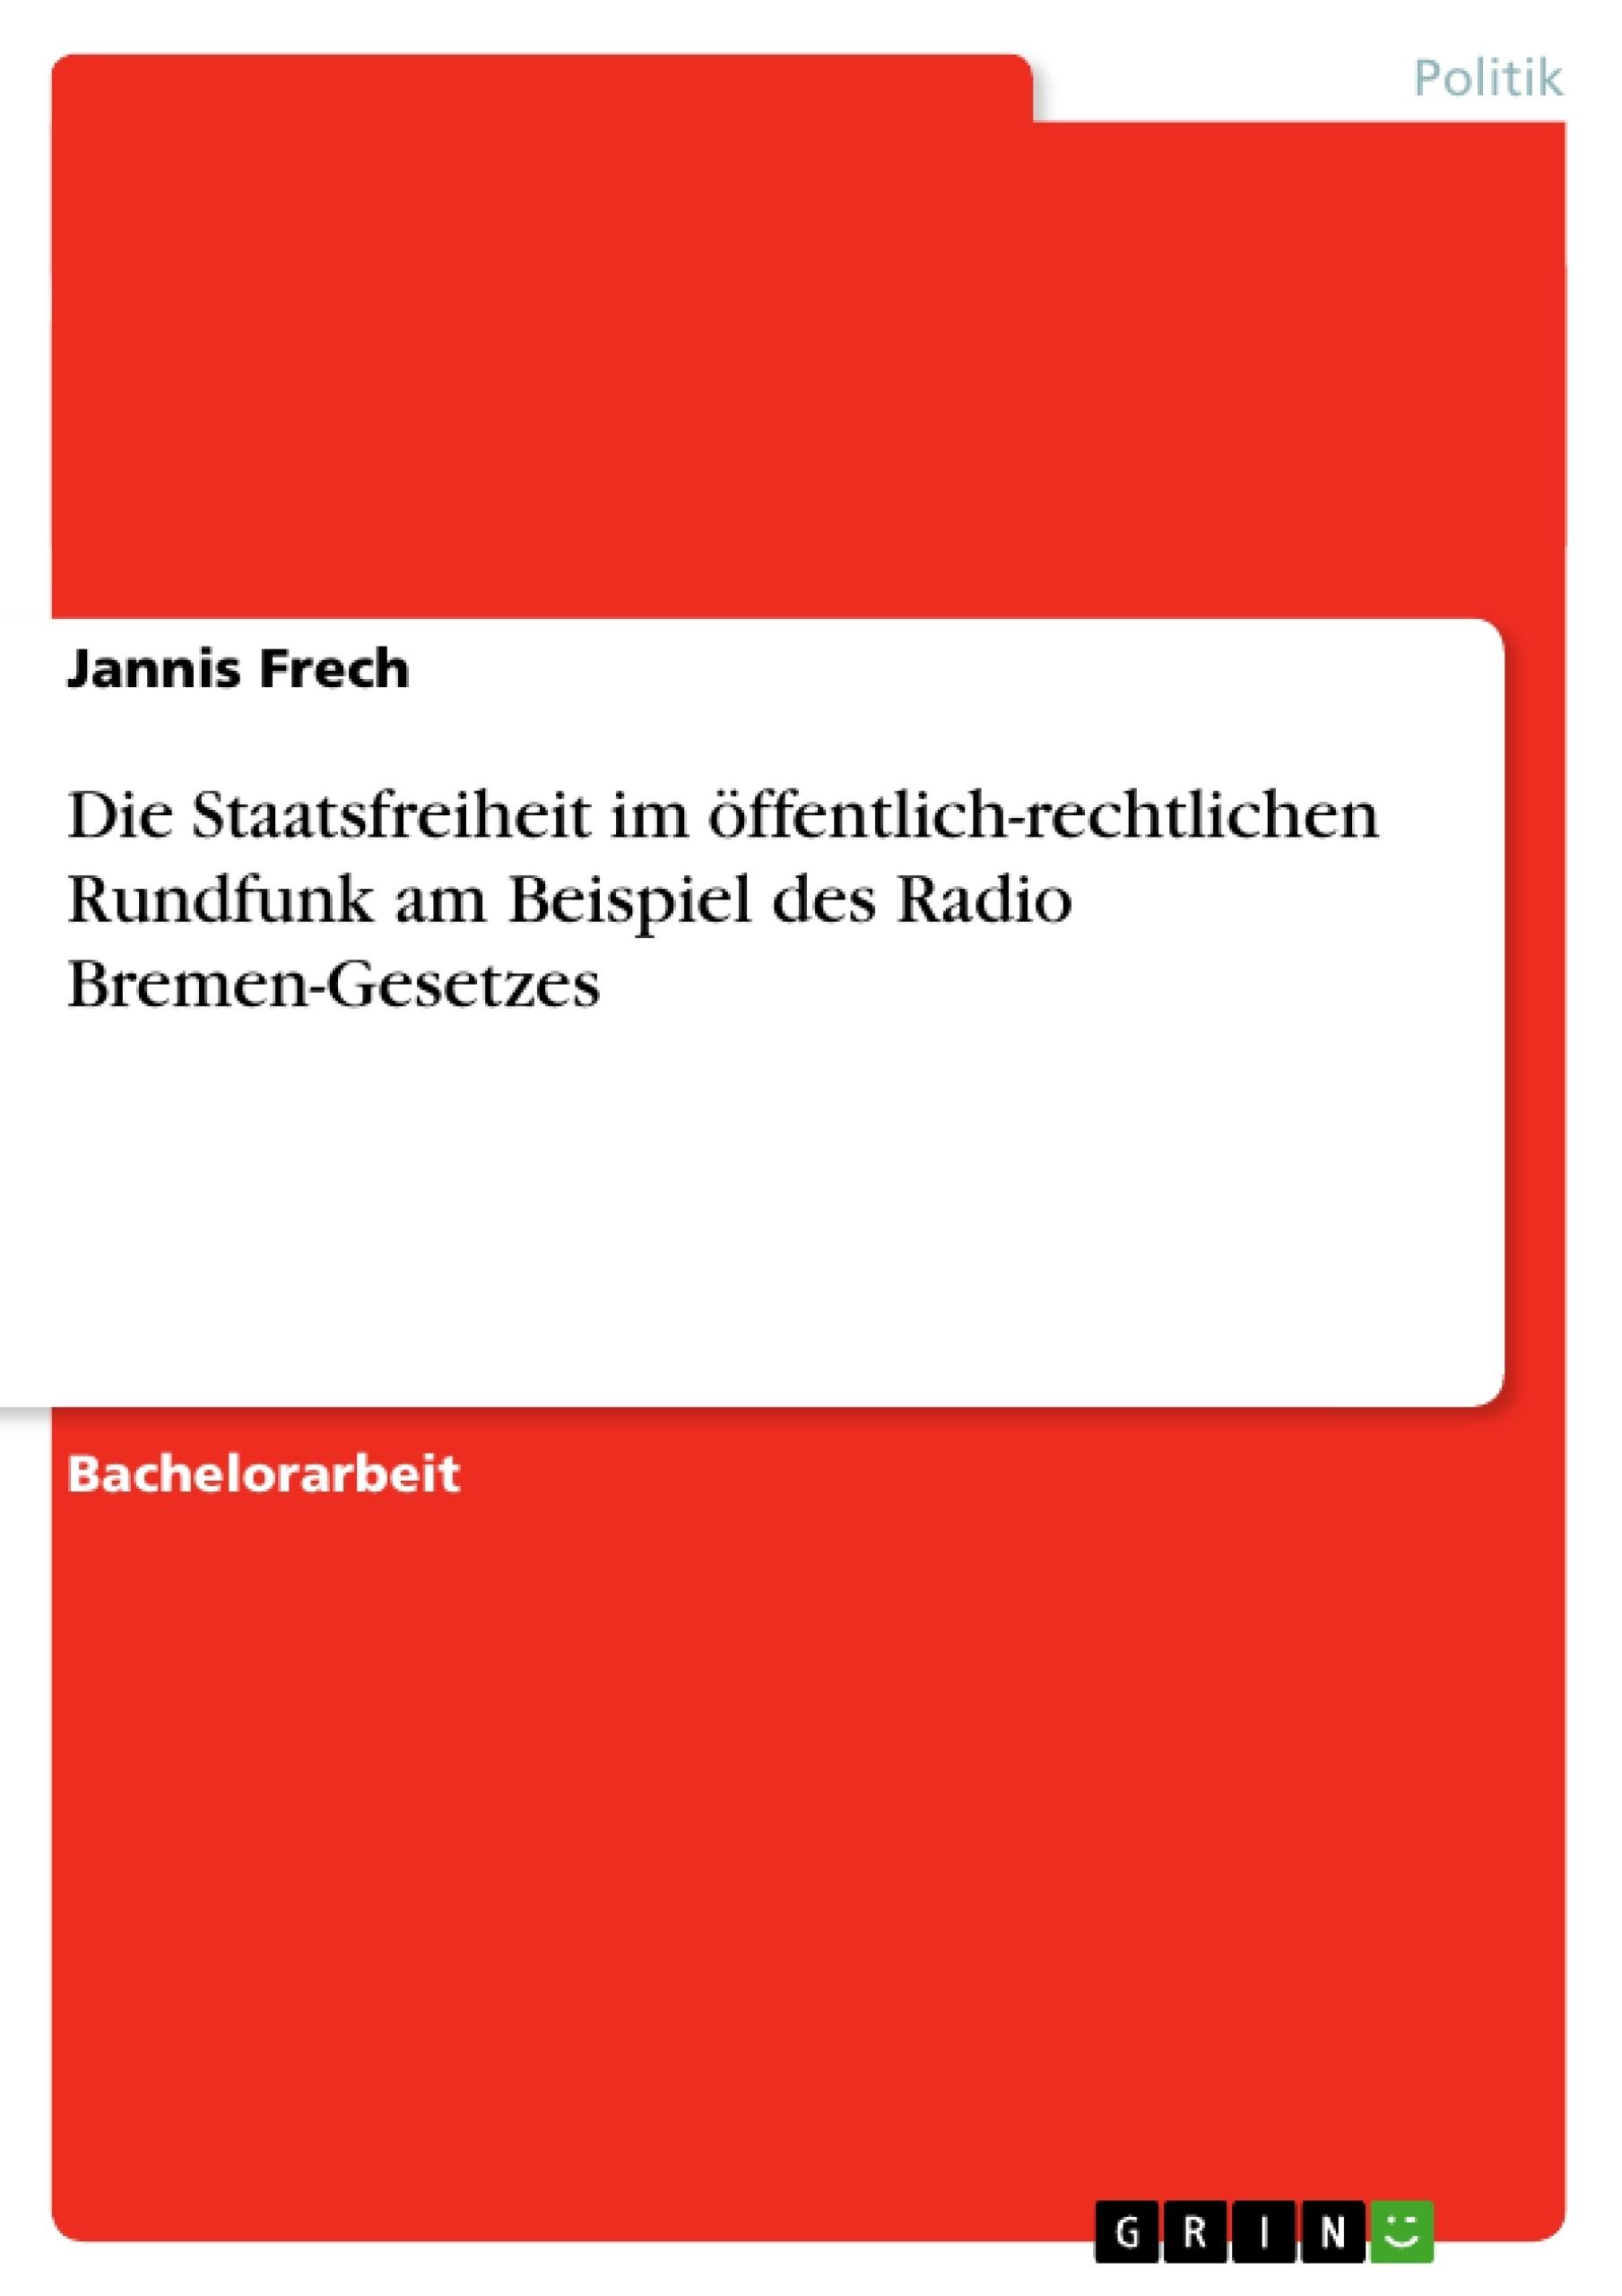 Titel: Die Staatsfreiheit im  öffentlich-rechtlichen Rundfunk  am Beispiel des Radio Bremen-Gesetzes